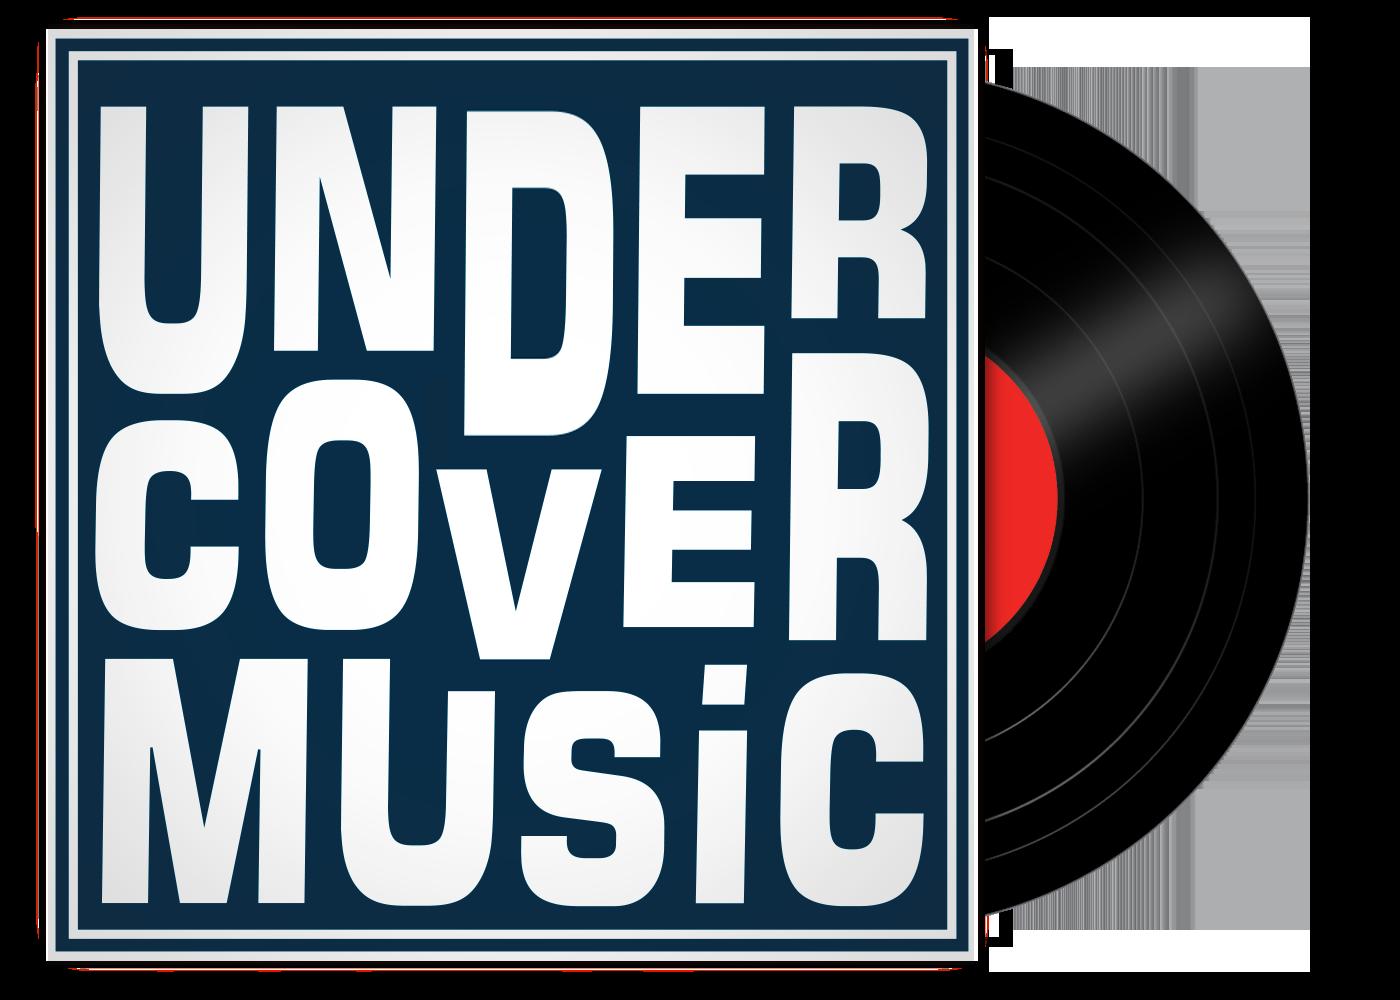 Undercover-Music.com